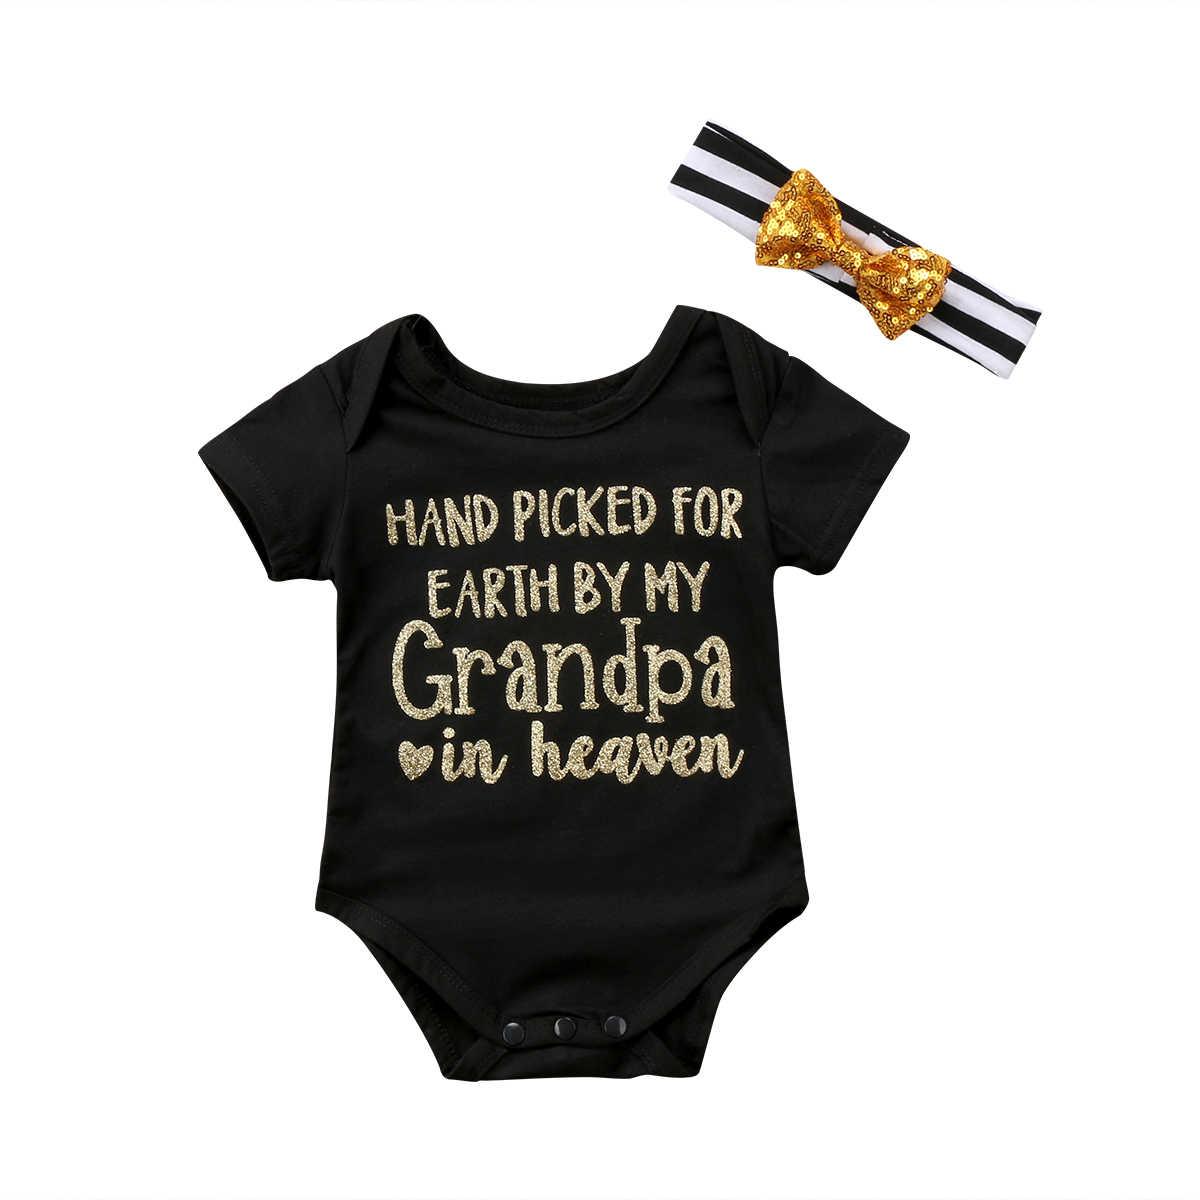 2018 милый комплект детской одежды для маленьких девочек короткий рукав черный комбинезон, боди, пляжный костюм девочка наряд Повседневное летняя одежда